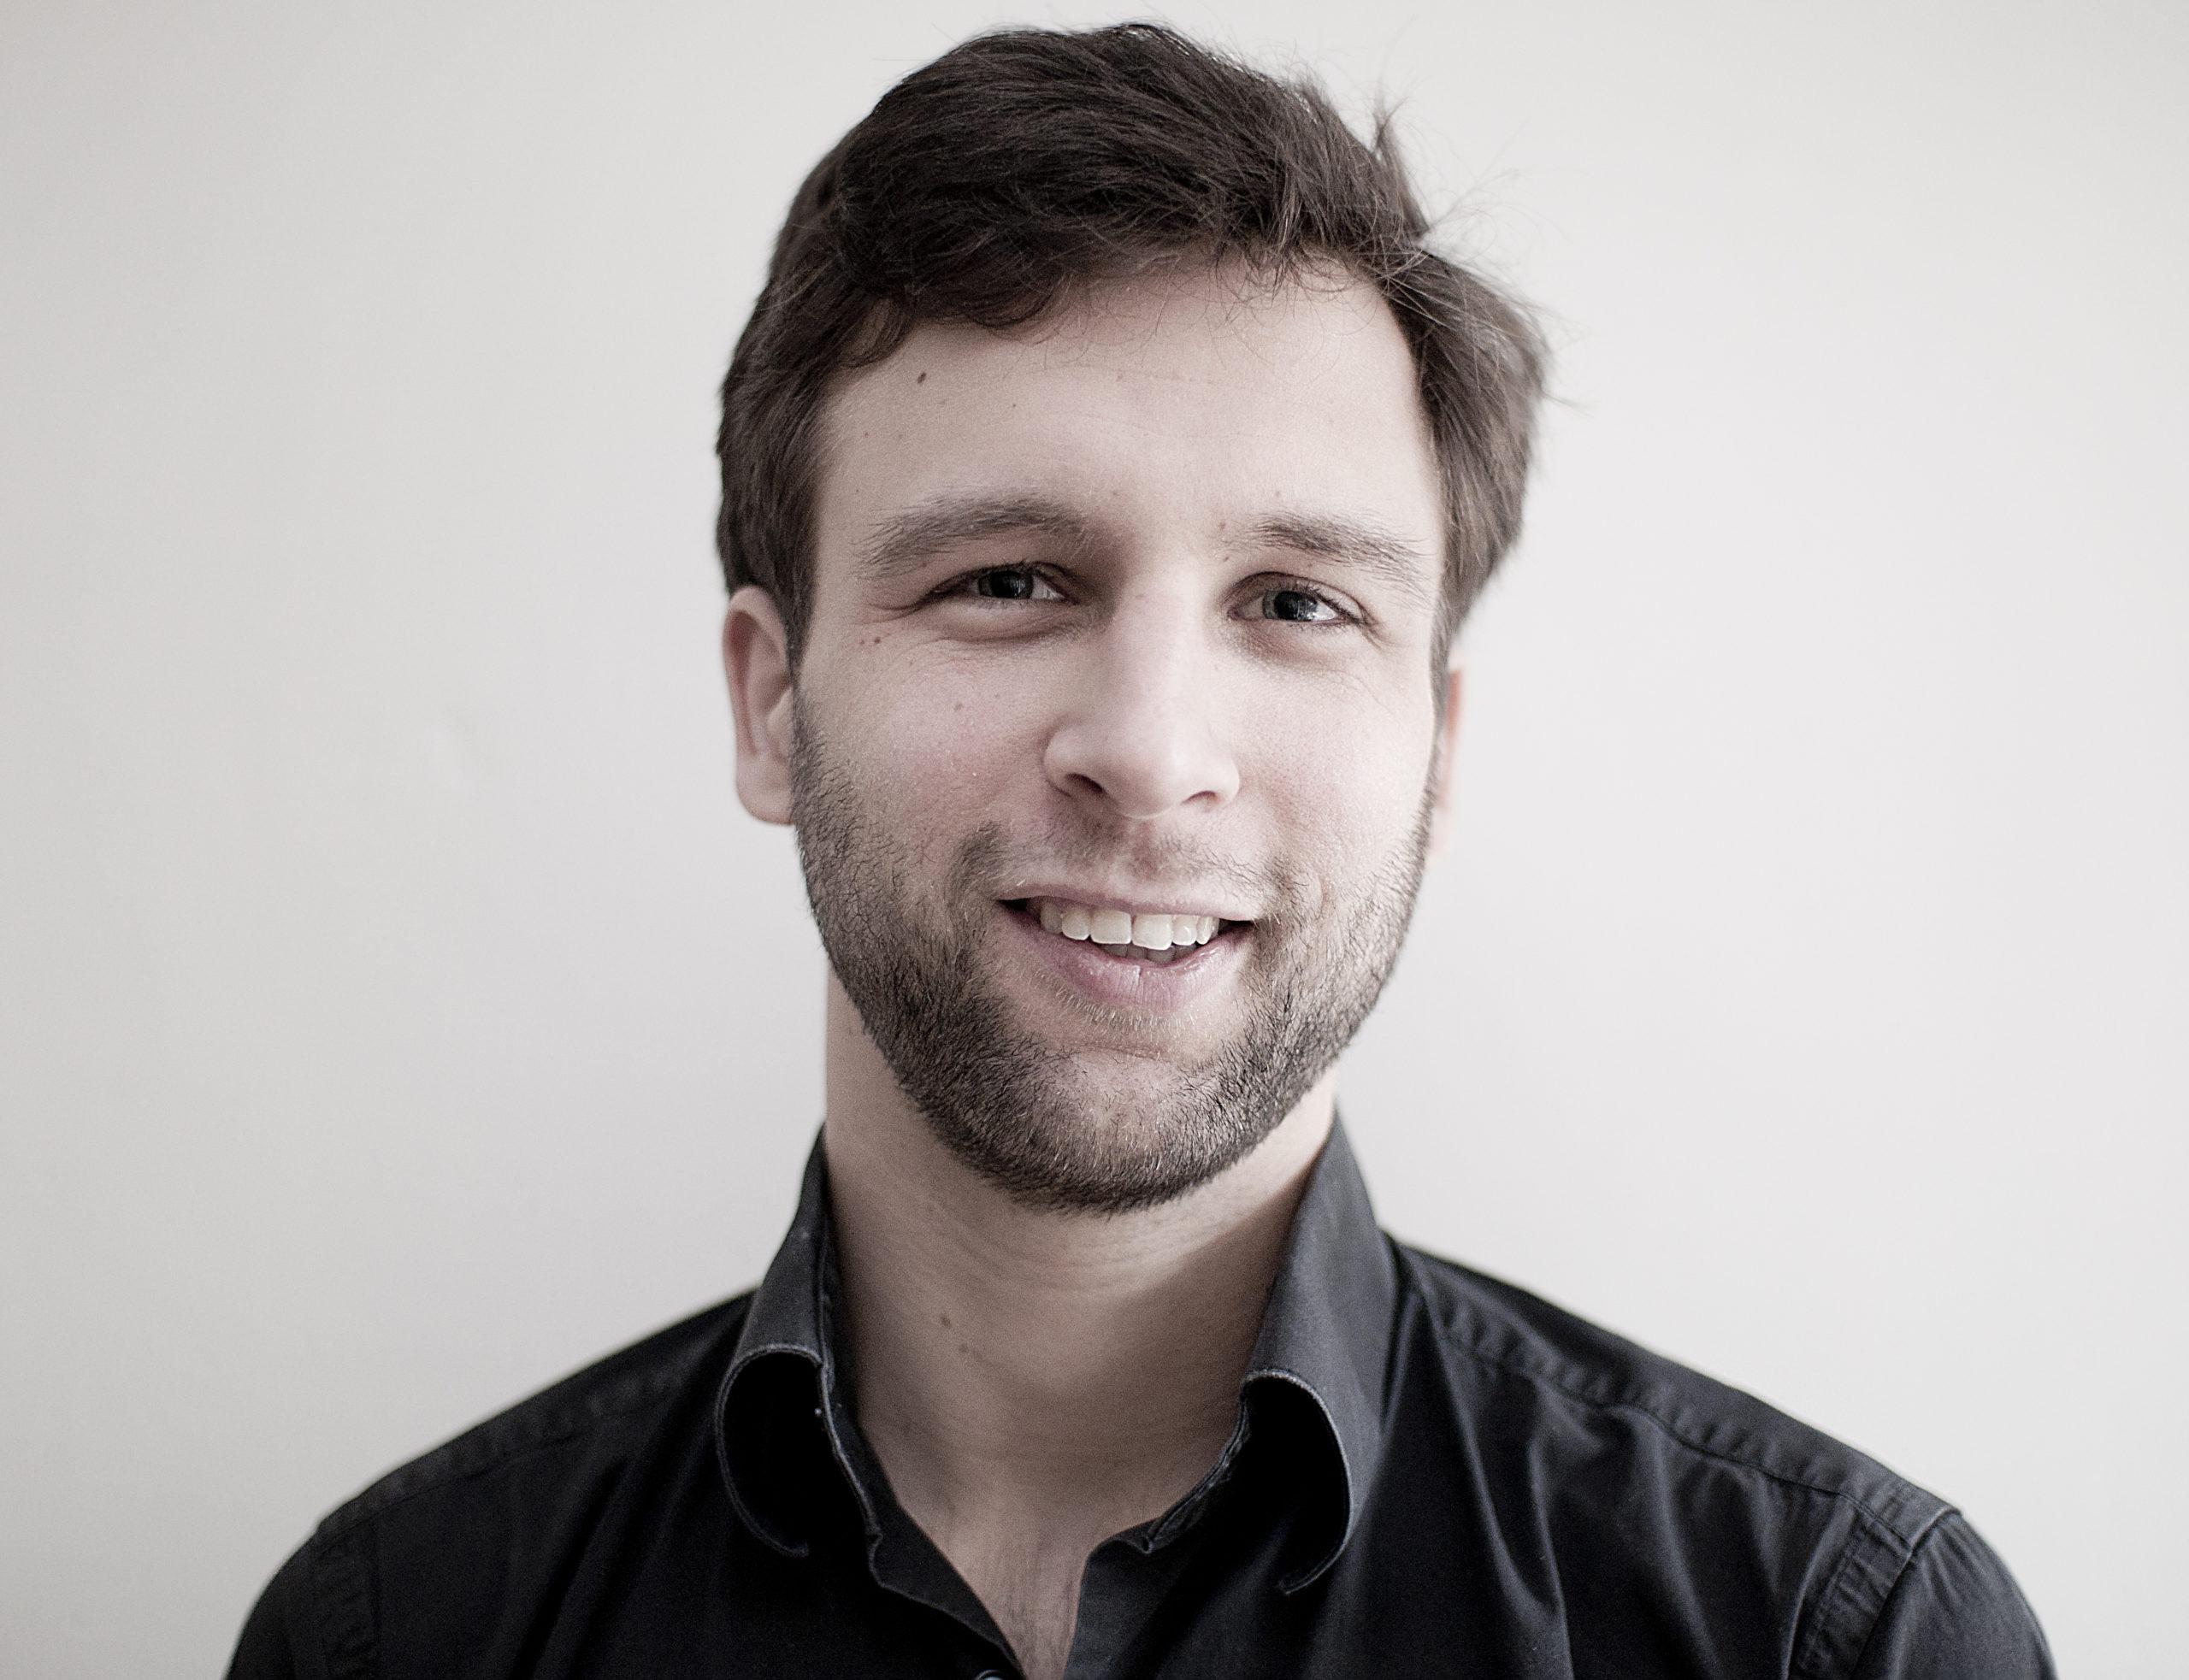 Daniel van der Meer